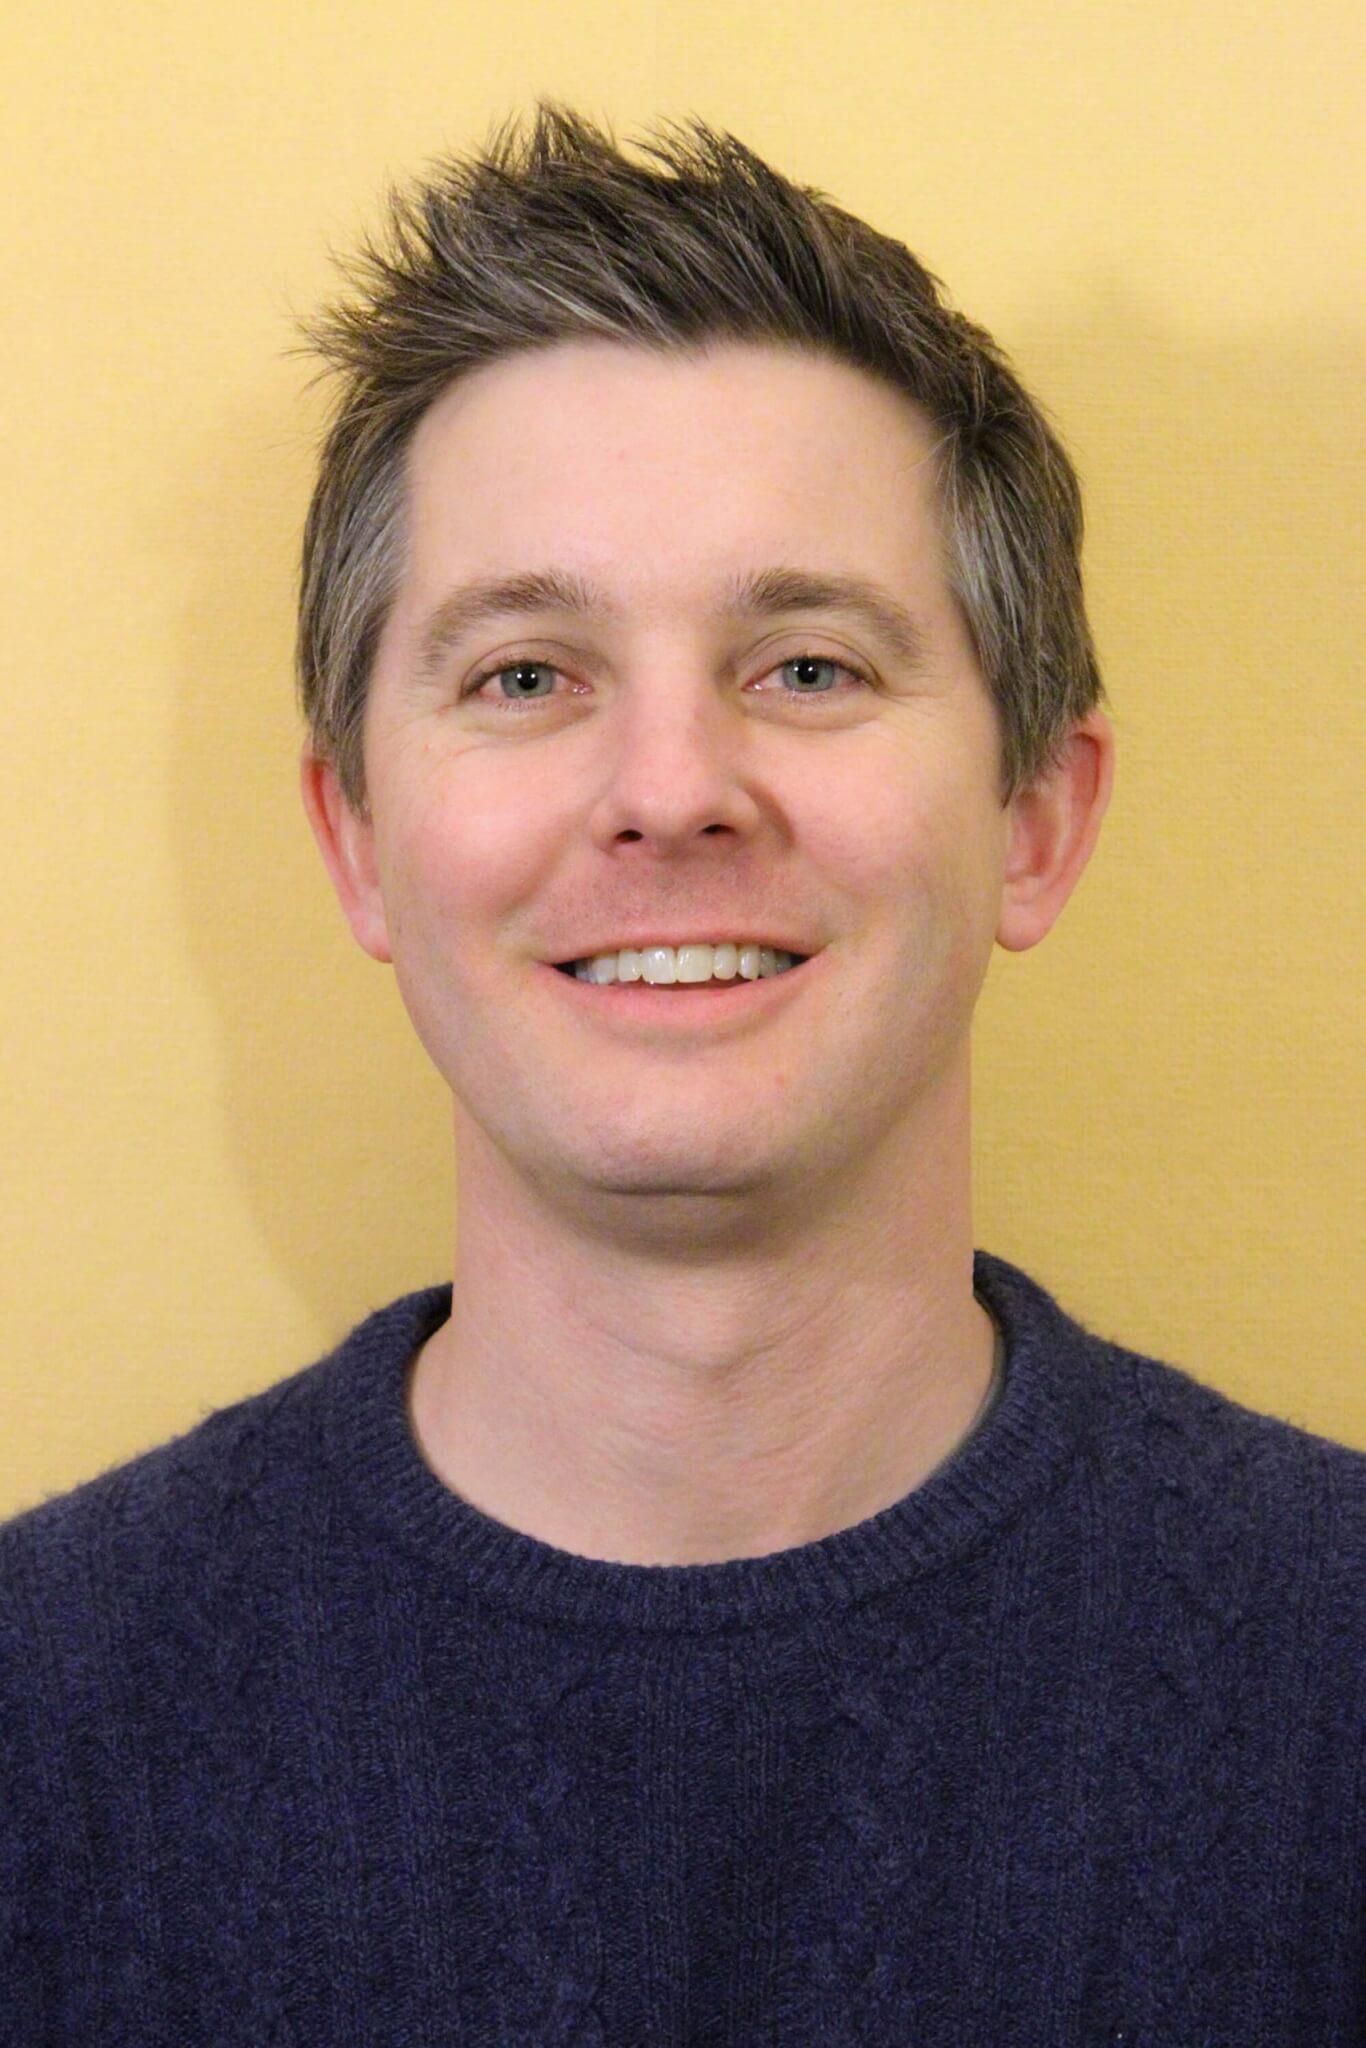 Mike Parsen